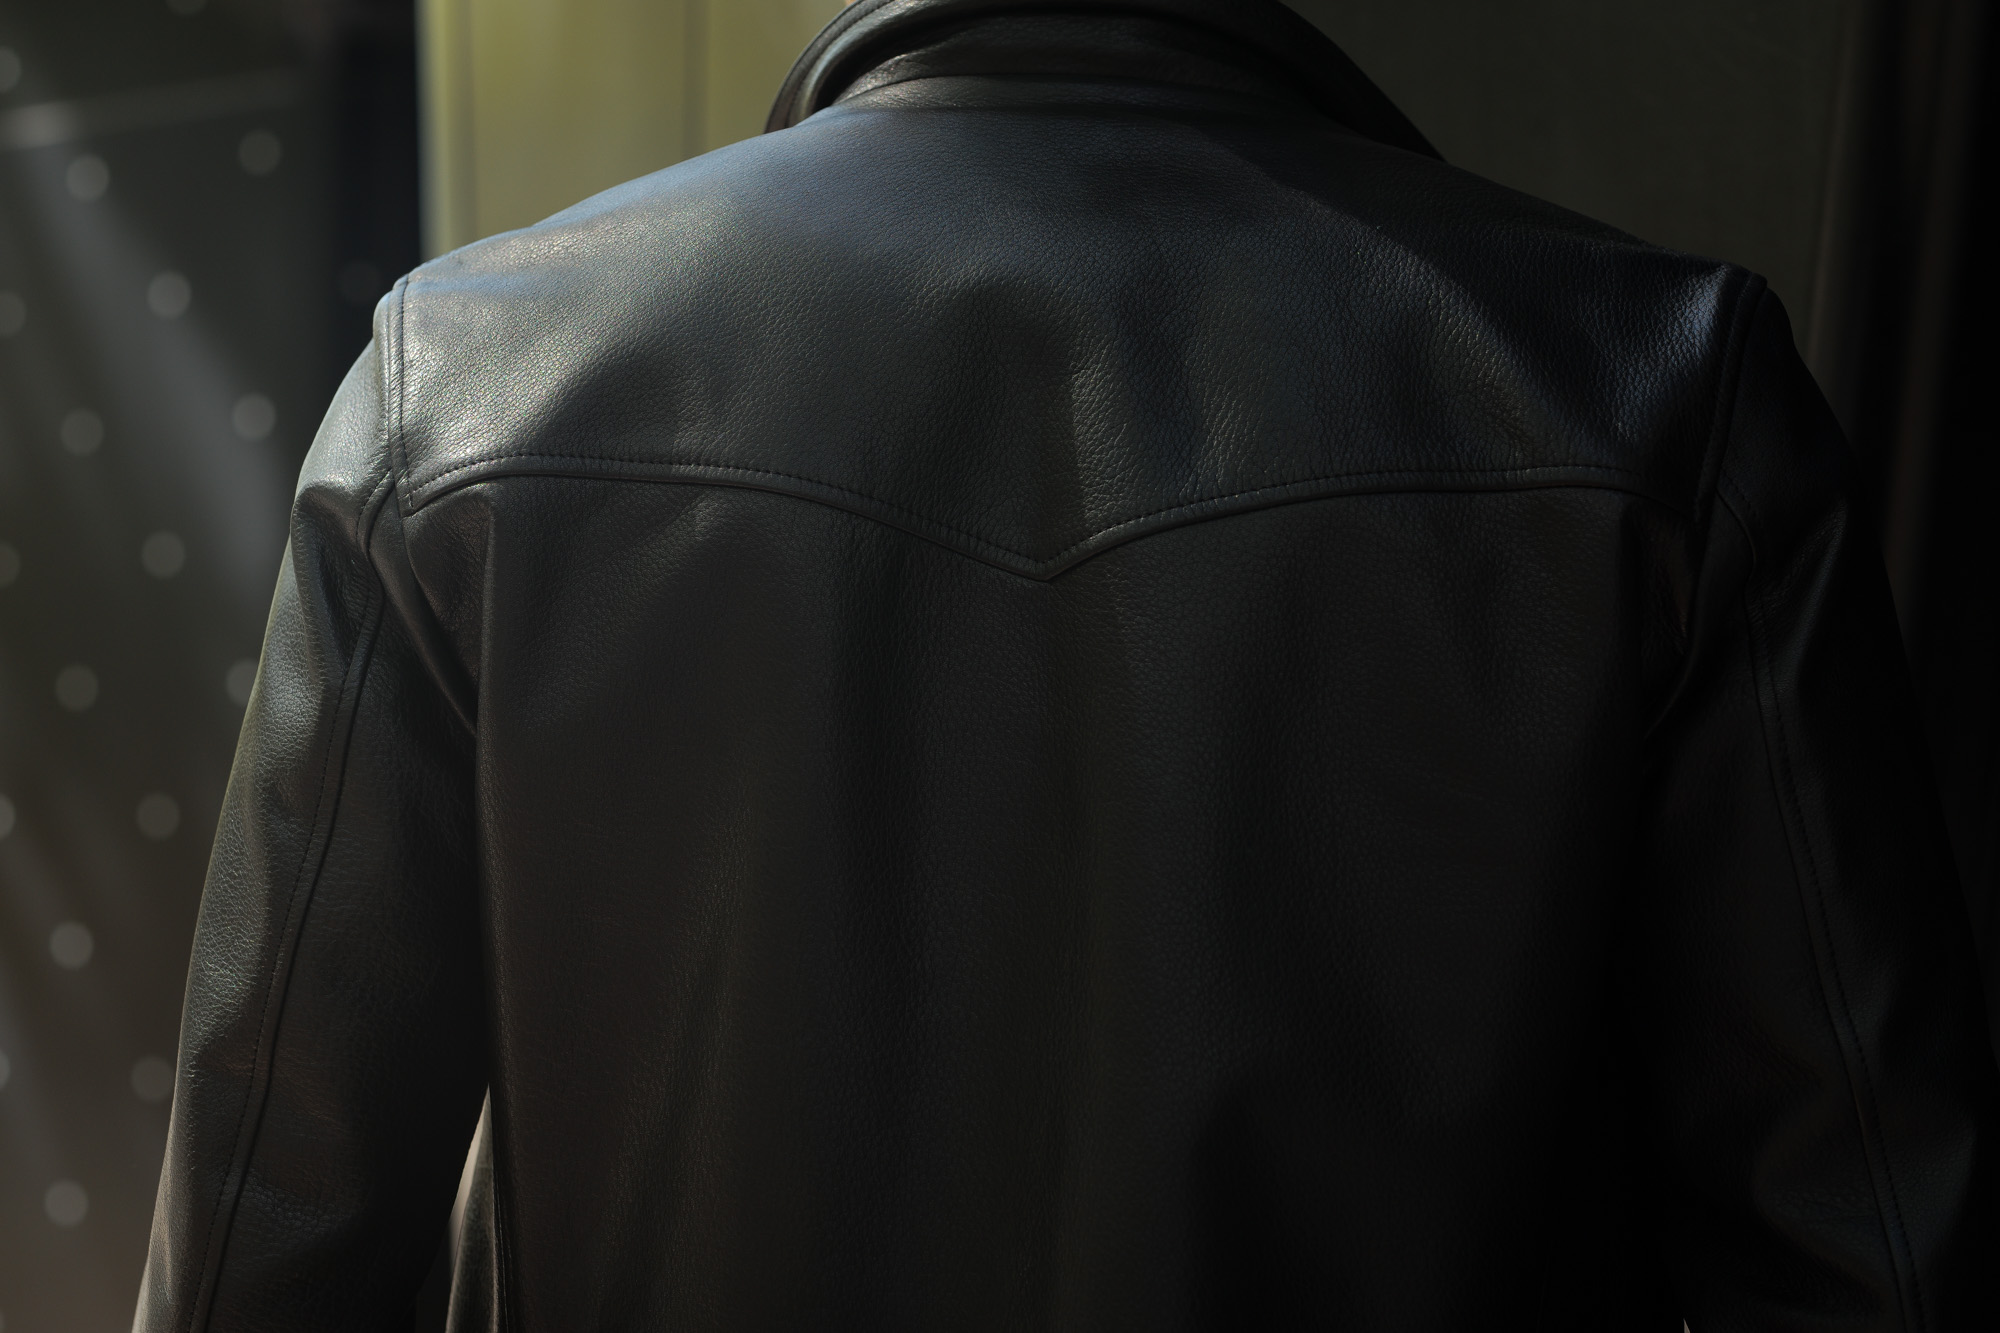 Cuervo (クエルボ) Satisfaction Leather Collection (サティスファクション レザー コレクション) TOM (トム) BUFFALO LEATHER (バッファロー レザー) シングル ライダース ジャケット BLACK (ブラック) MADE IN JAPAN (日本製) 2019 春夏 【第2便ご予約受付中】クエルボ レザージャケット 愛知 名古屋 alto e diritto アルトエデリット セレクトショップ